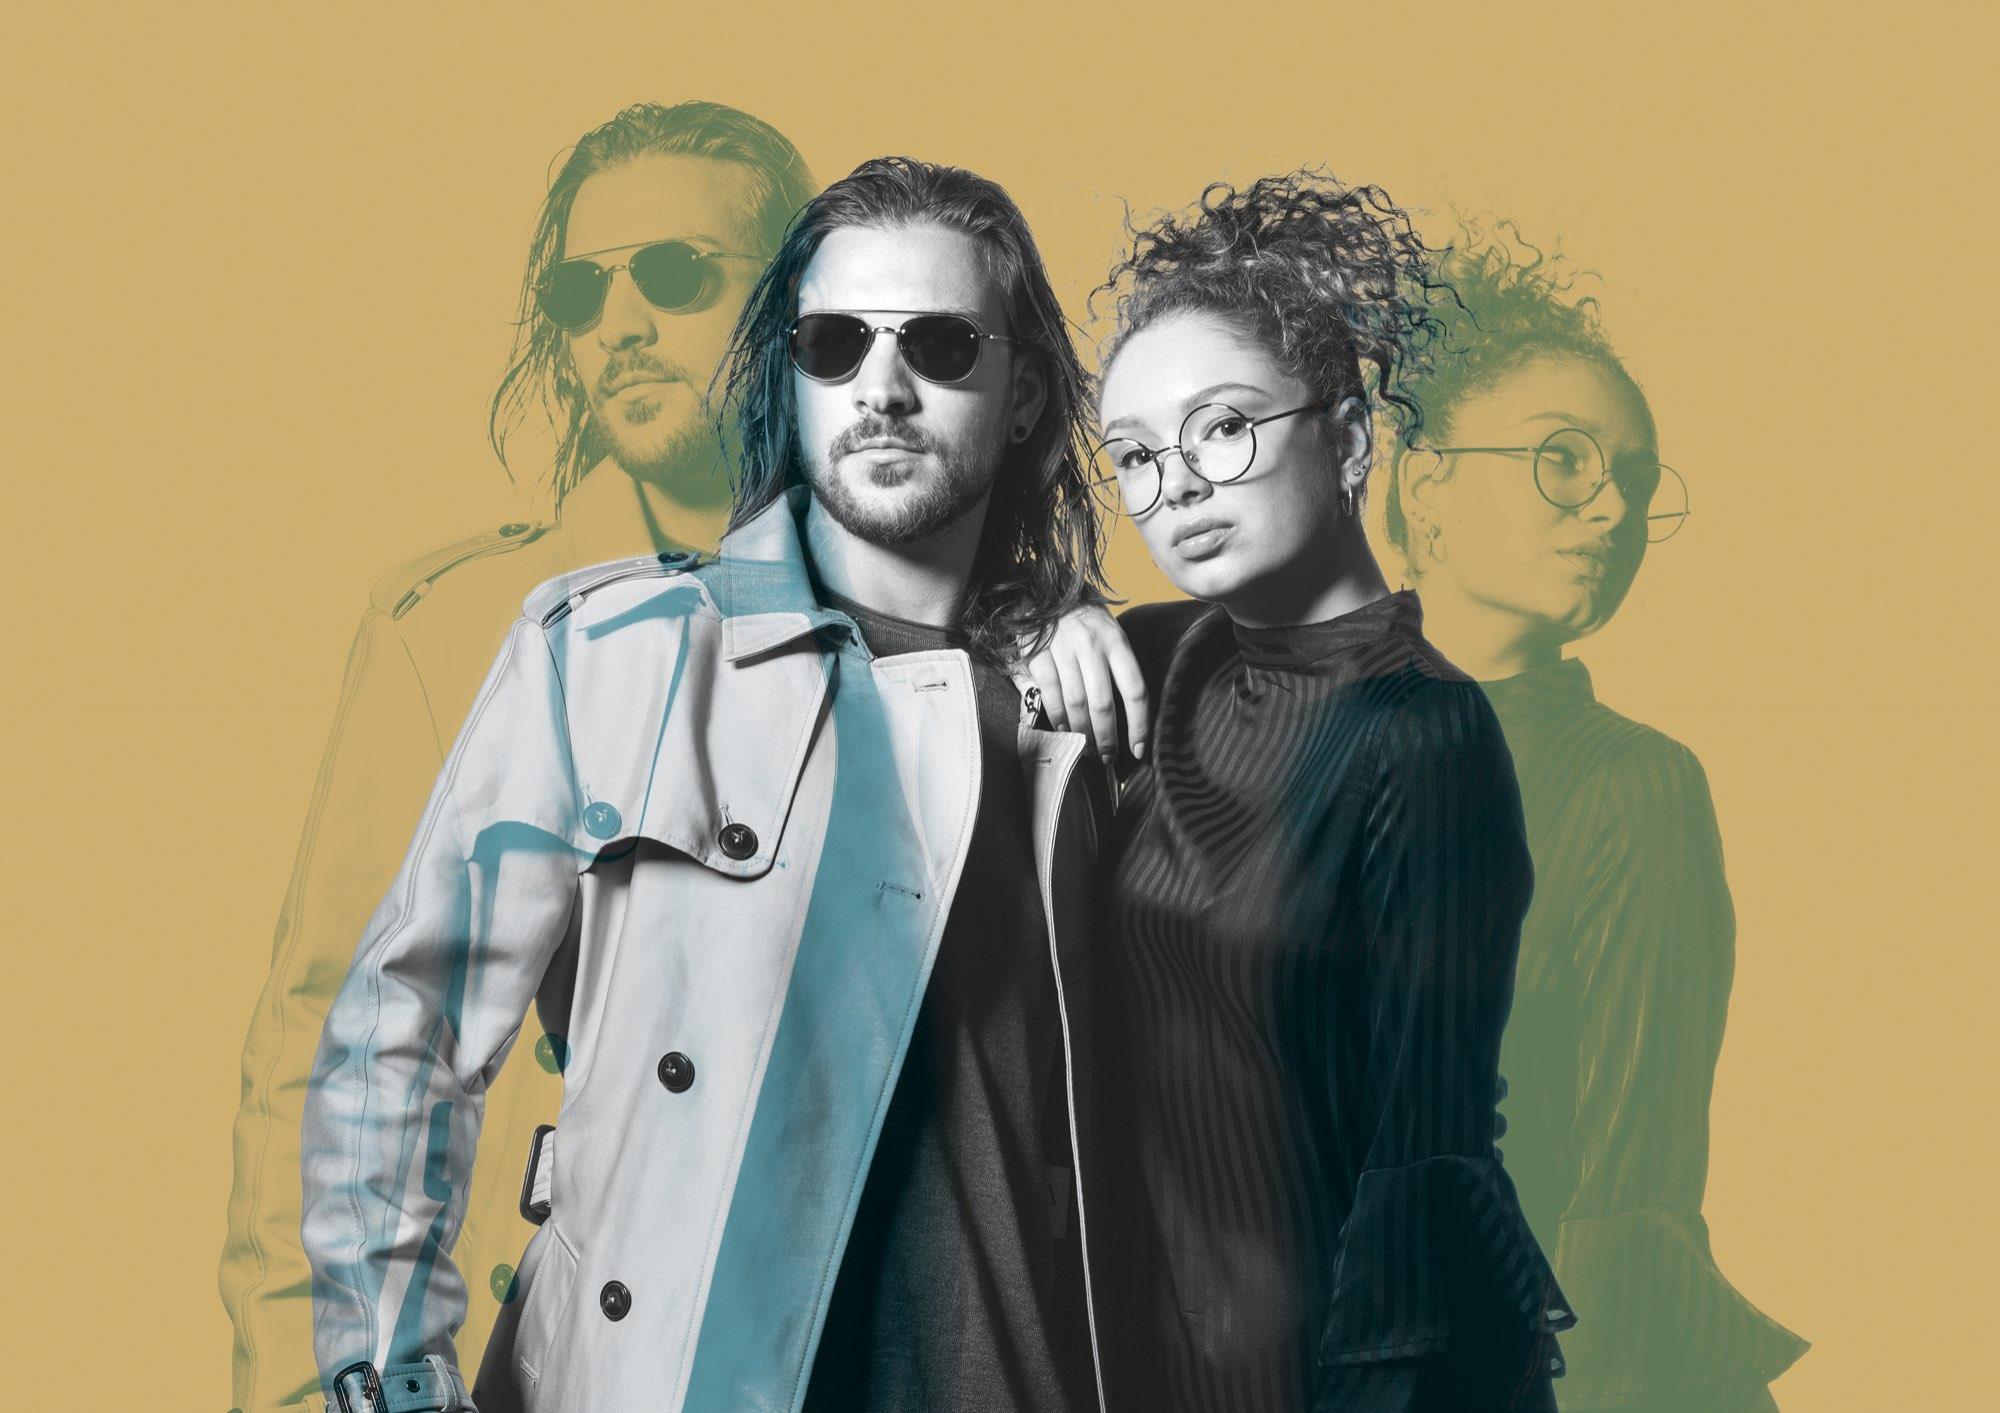 Neue Arbeit von Laura & Julia für die Visus Brillenkampagne  - neue-arbeit-von-laura---julia-f--r-die-visus-brillenkampagne--ID14544-6.jpeg?v=1580918413